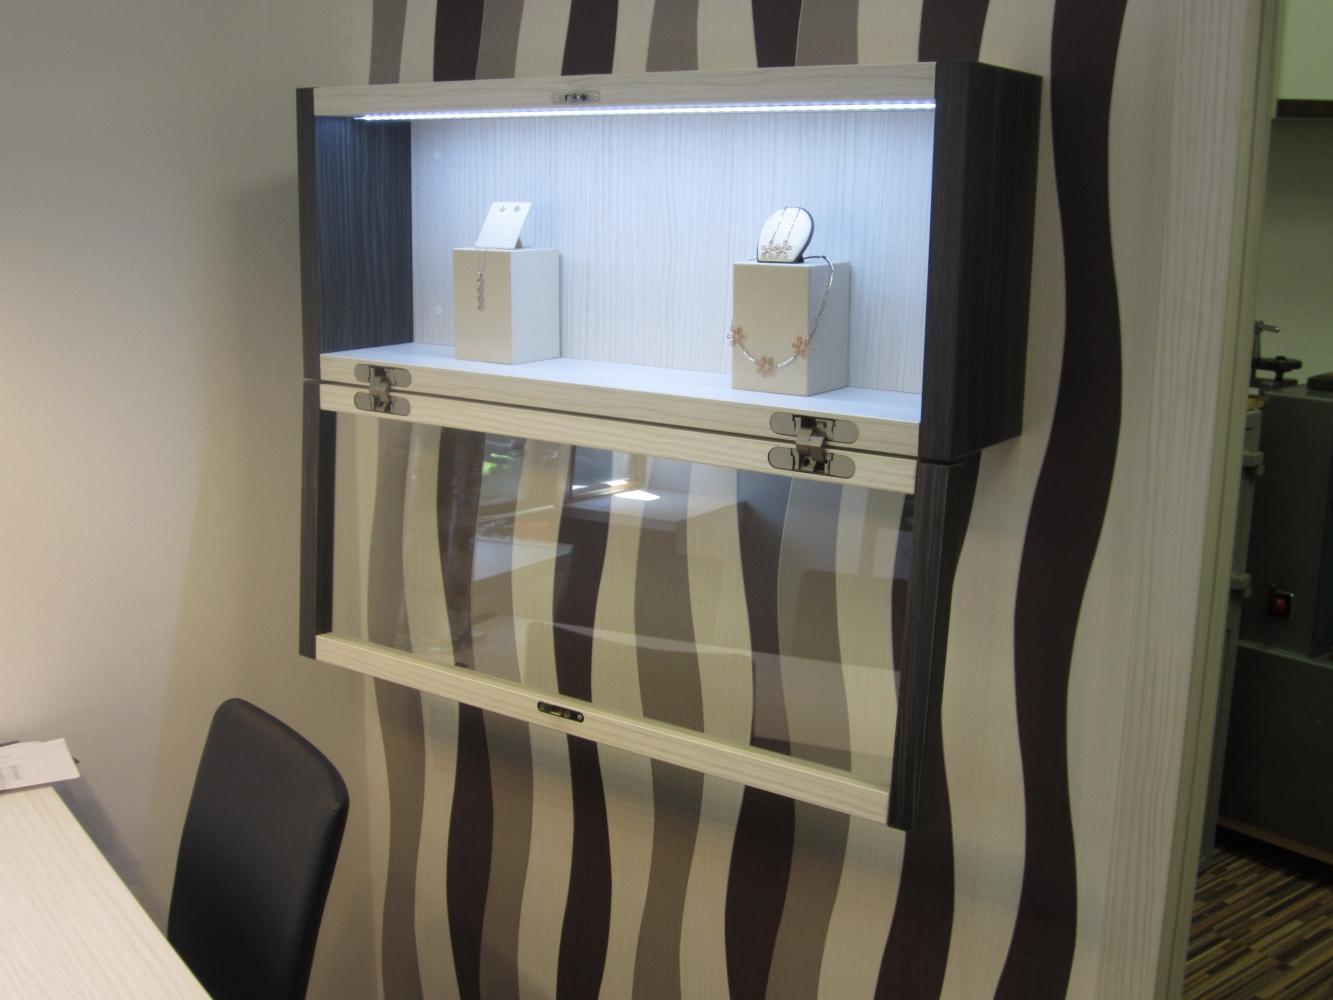 pisarniško pohištvo po meri (04)